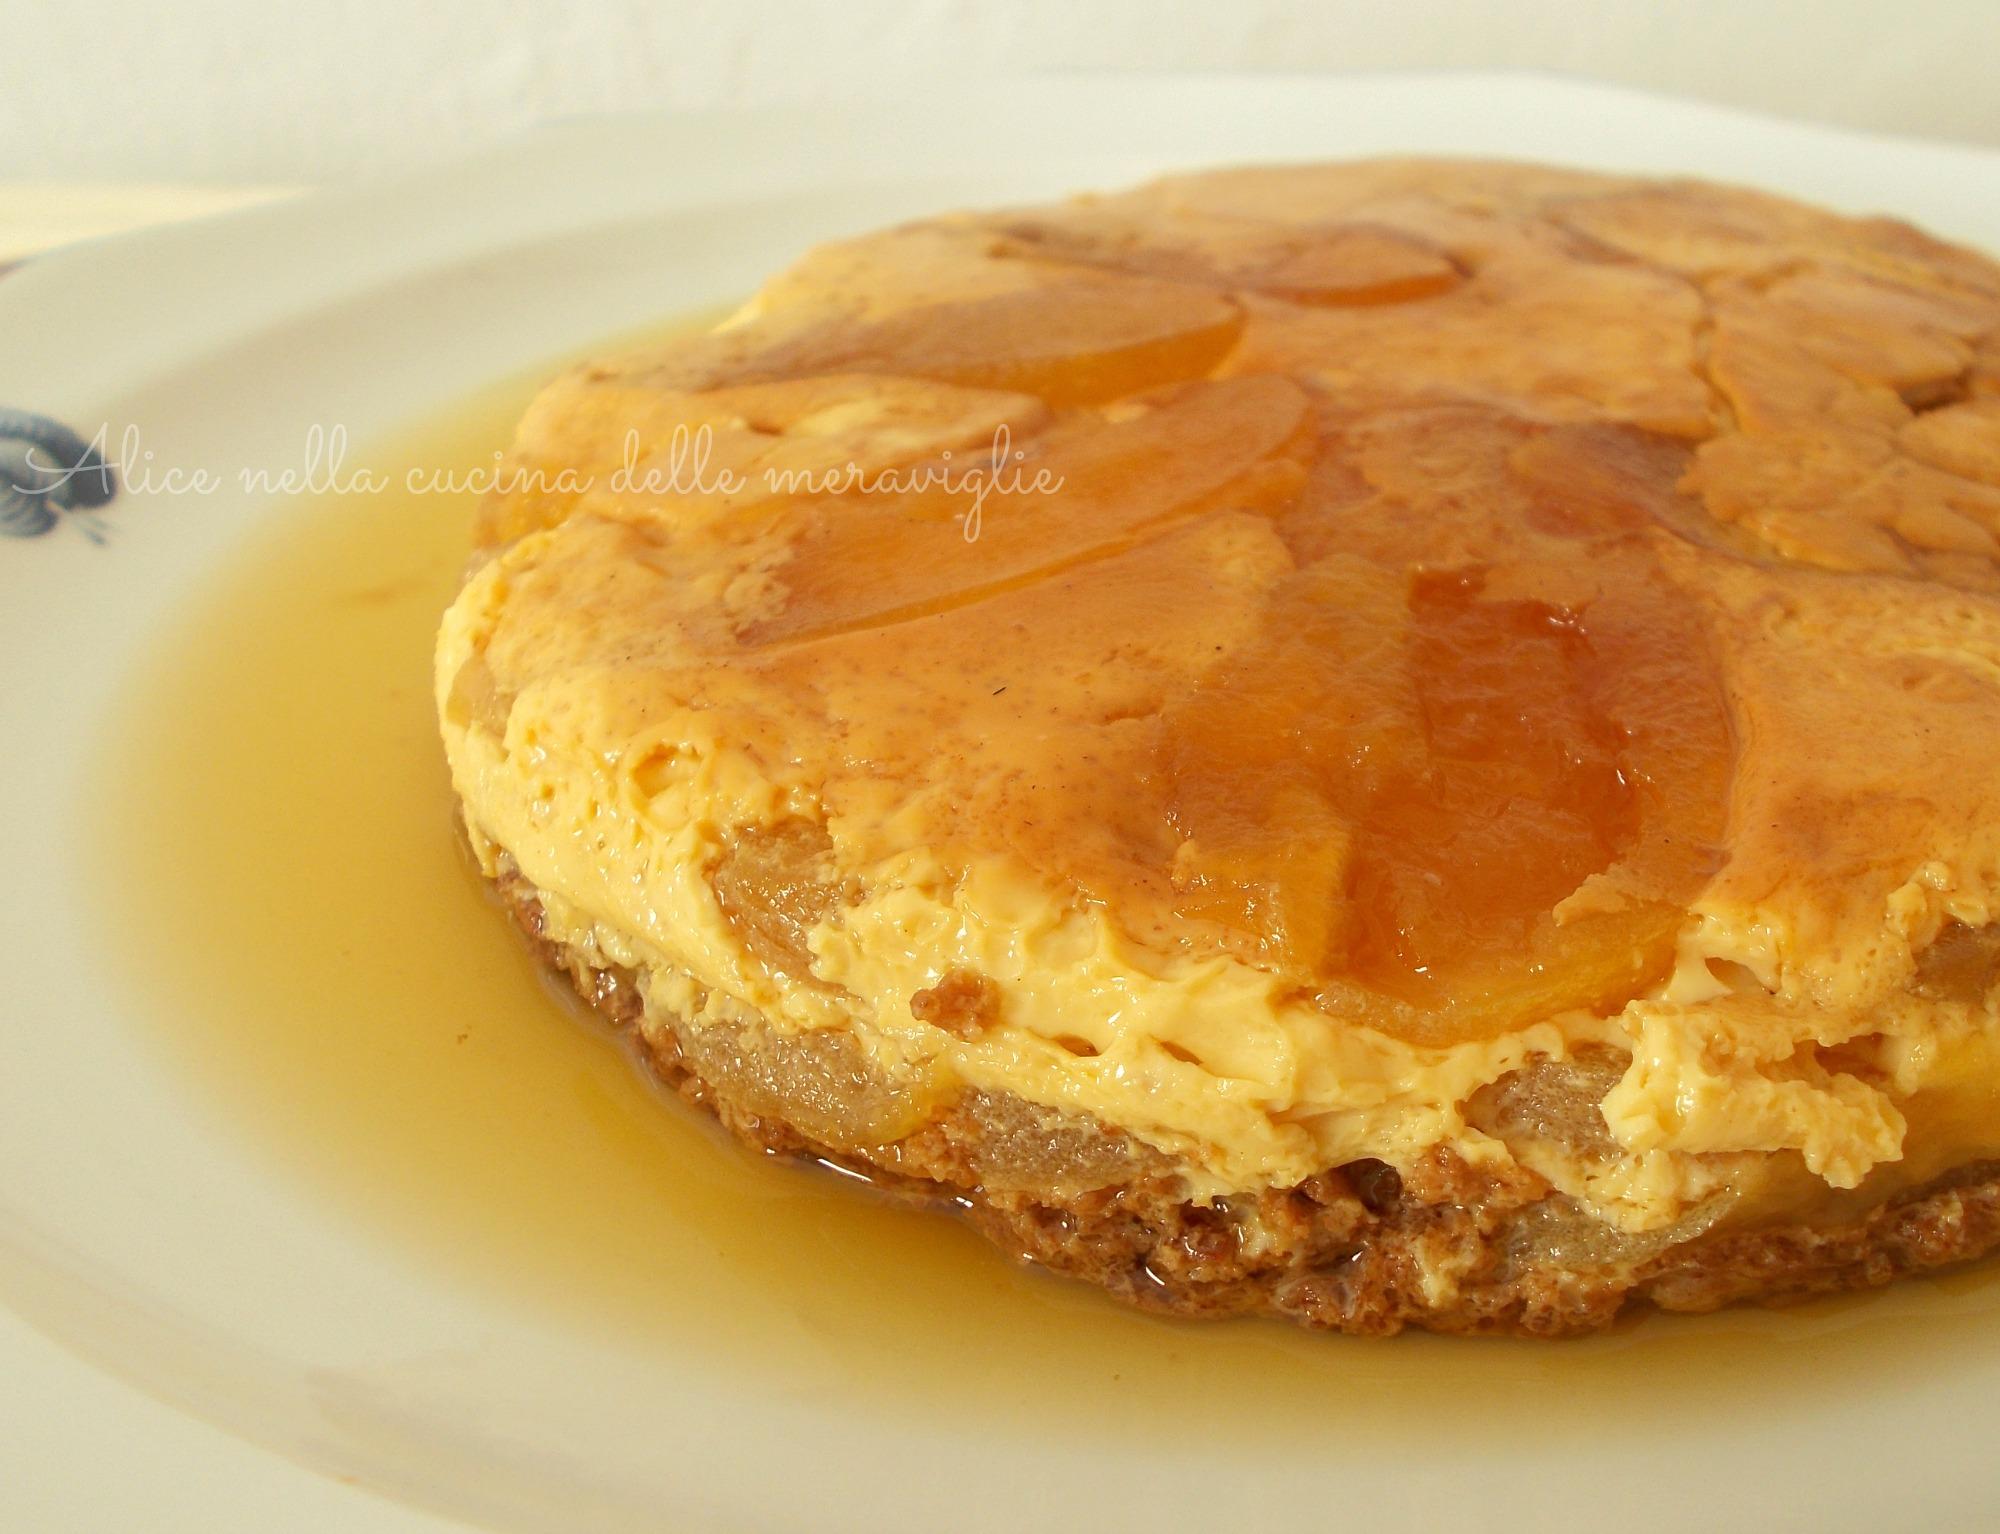 Budino di mele e amaretti Ricetta dolce in pentola a pressione Alice nella cucina delle meraviglie